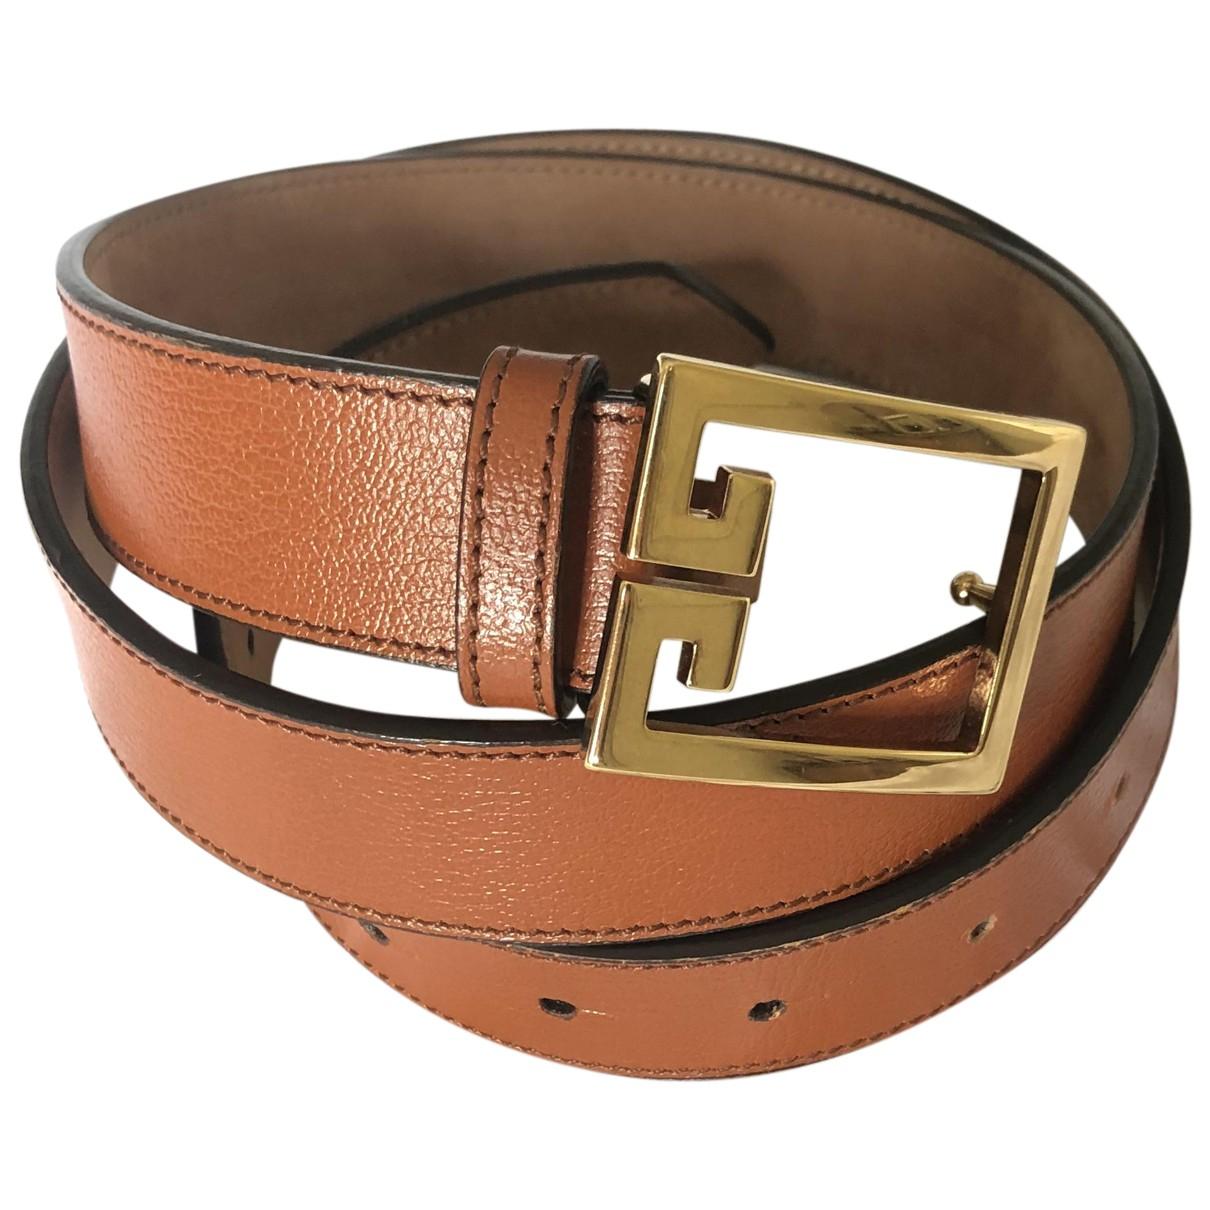 Givenchy N Brown Leather belt for Men 95 cm